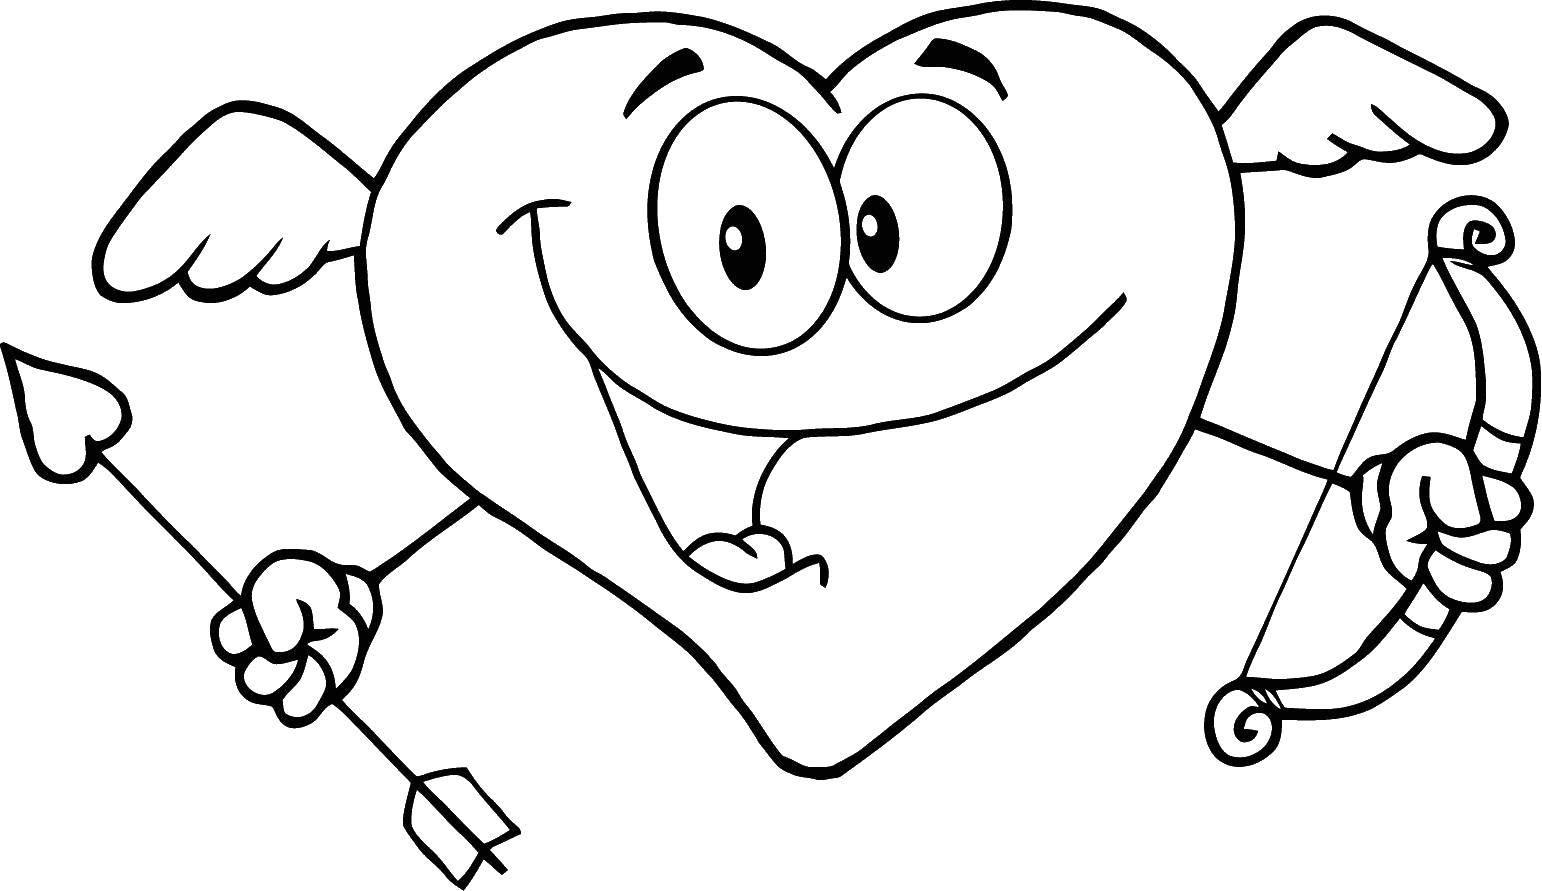 Раскраска Сердце с луком. Скачать сердчце, стрела, лук.  Распечатать ,Сердечки,